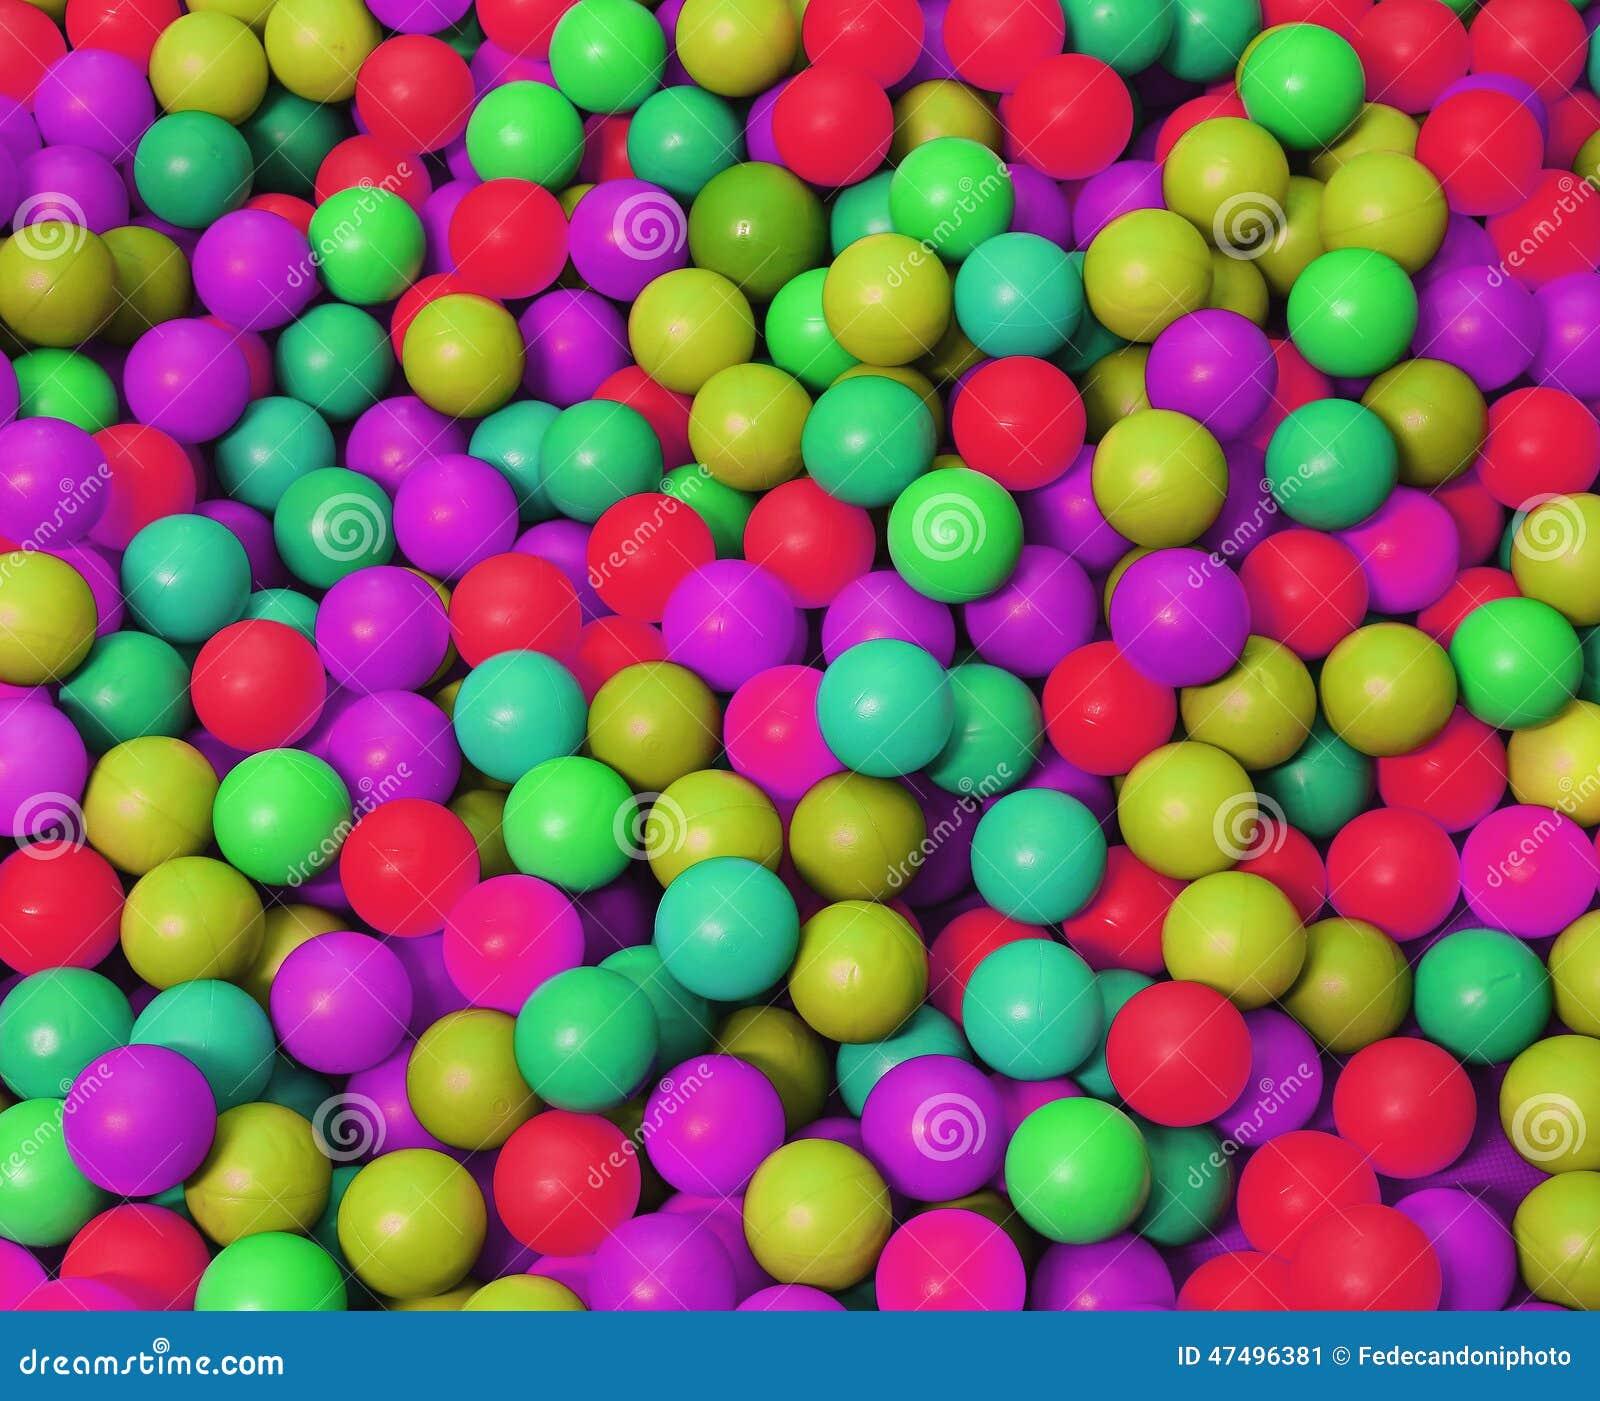 El pl stico fosforescente colore bolas en la piscina del for En pelotas en la piscina